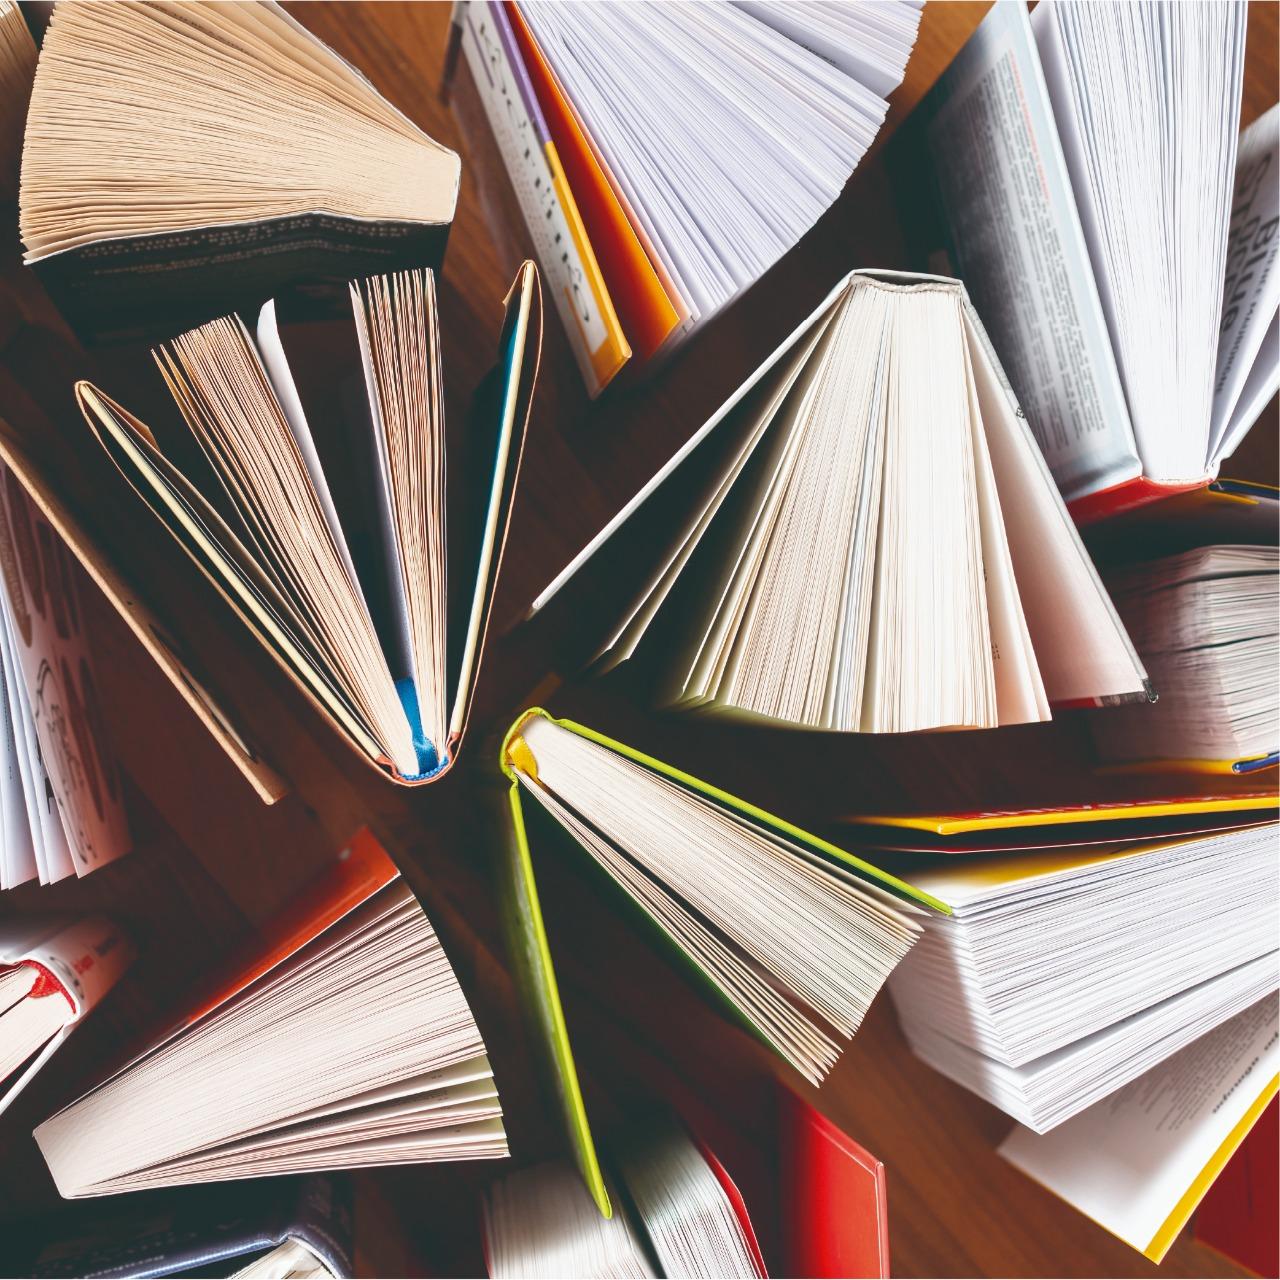 Una fecha que nos recuerda la importancia de la lectura